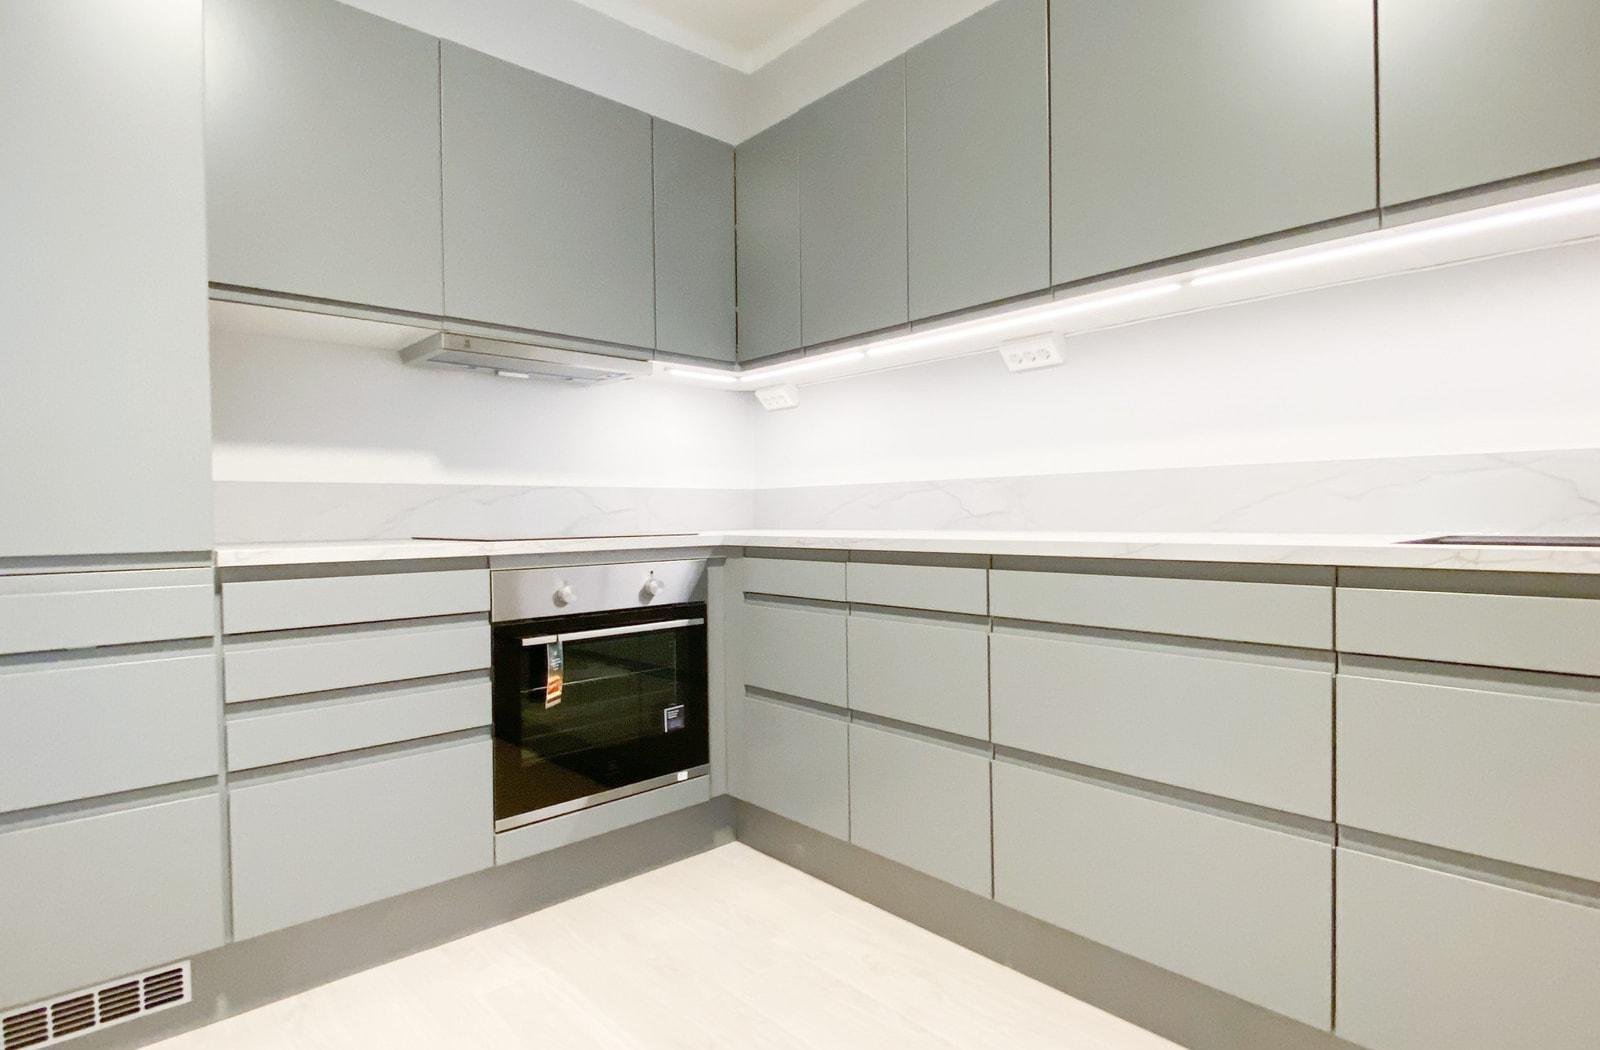 Kjøkkenet er nyoppusset i 2020 og inneholder bl.a. innebygget kombiskap, oppvaskmaskin og komfyr